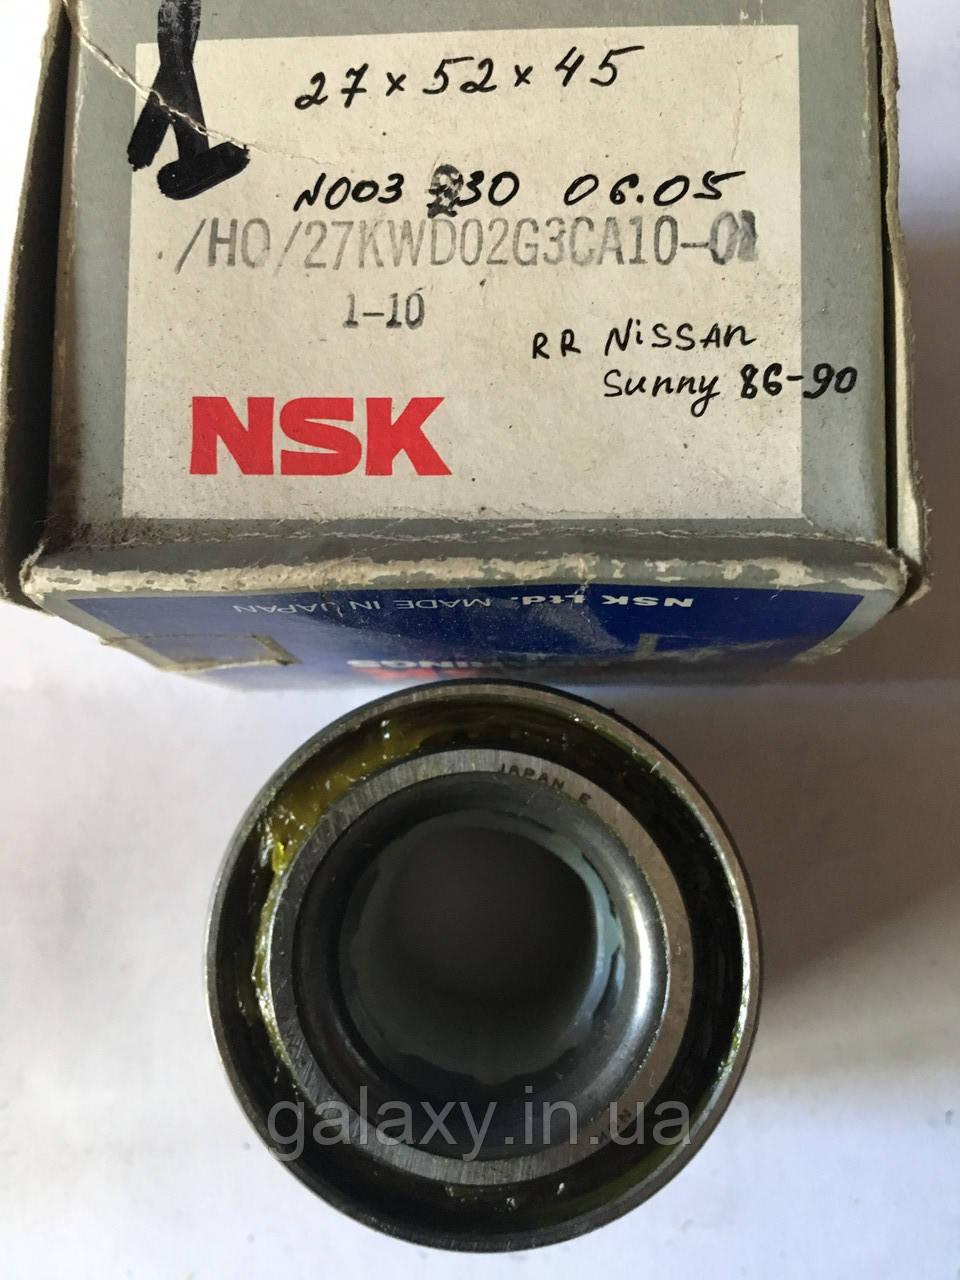 Підшипник NSK маточини заднього колеса Nissan Sunny B12 N13 27х52х45/43 27KWD02